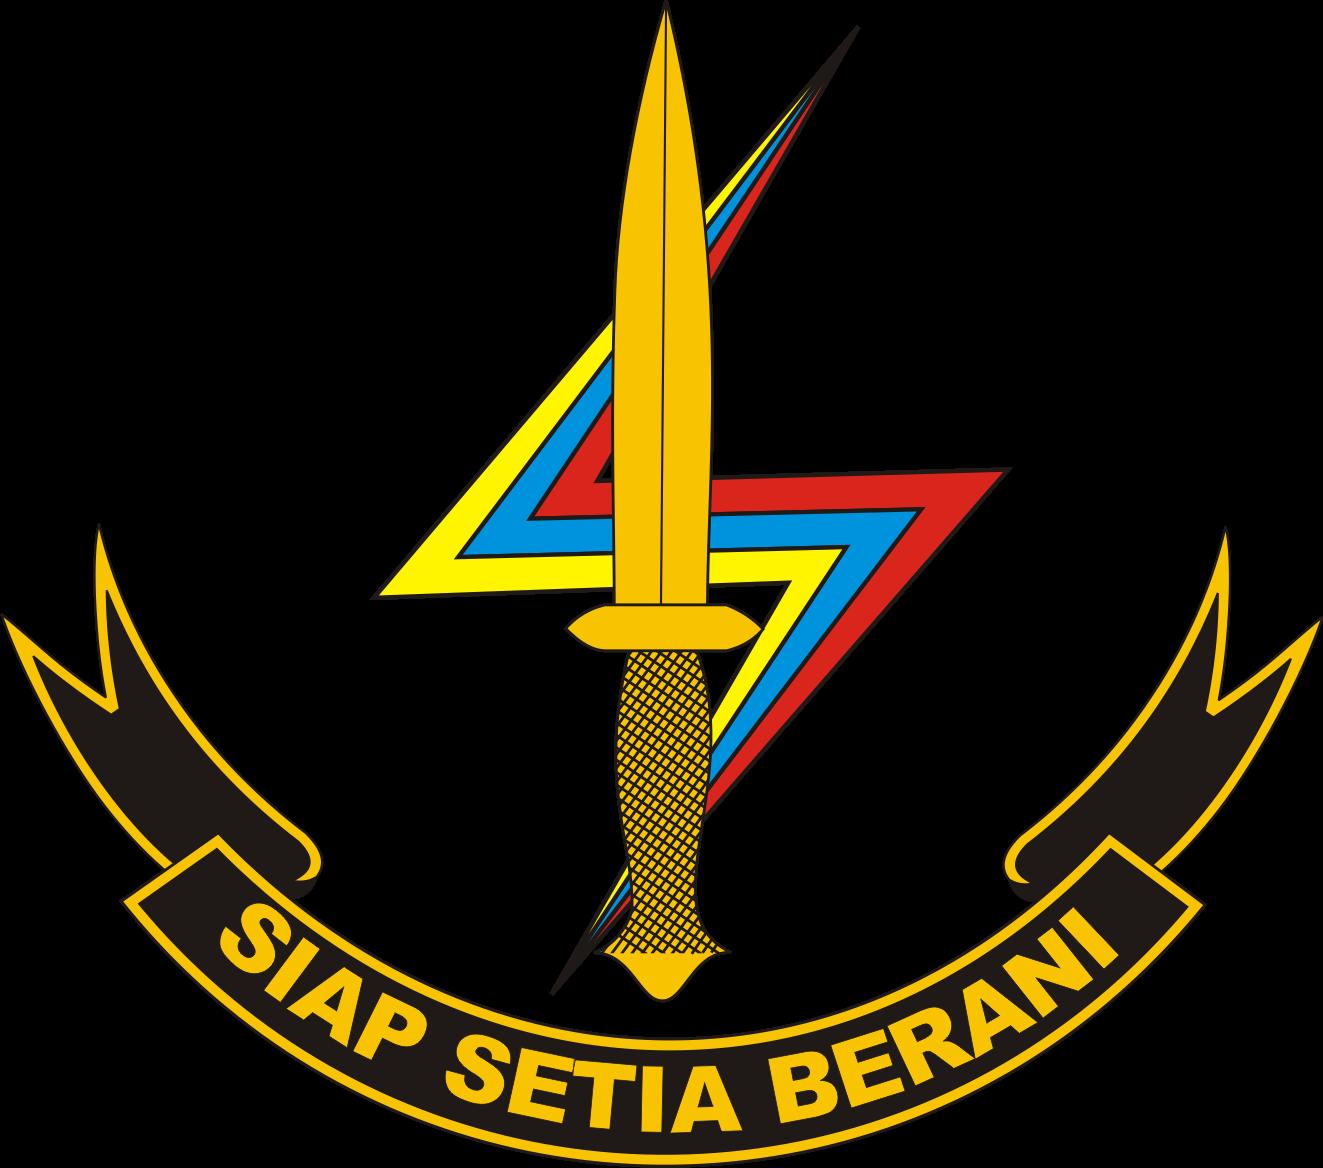 logo detasemen khusus 81 gultor kumpulan logo indonesia